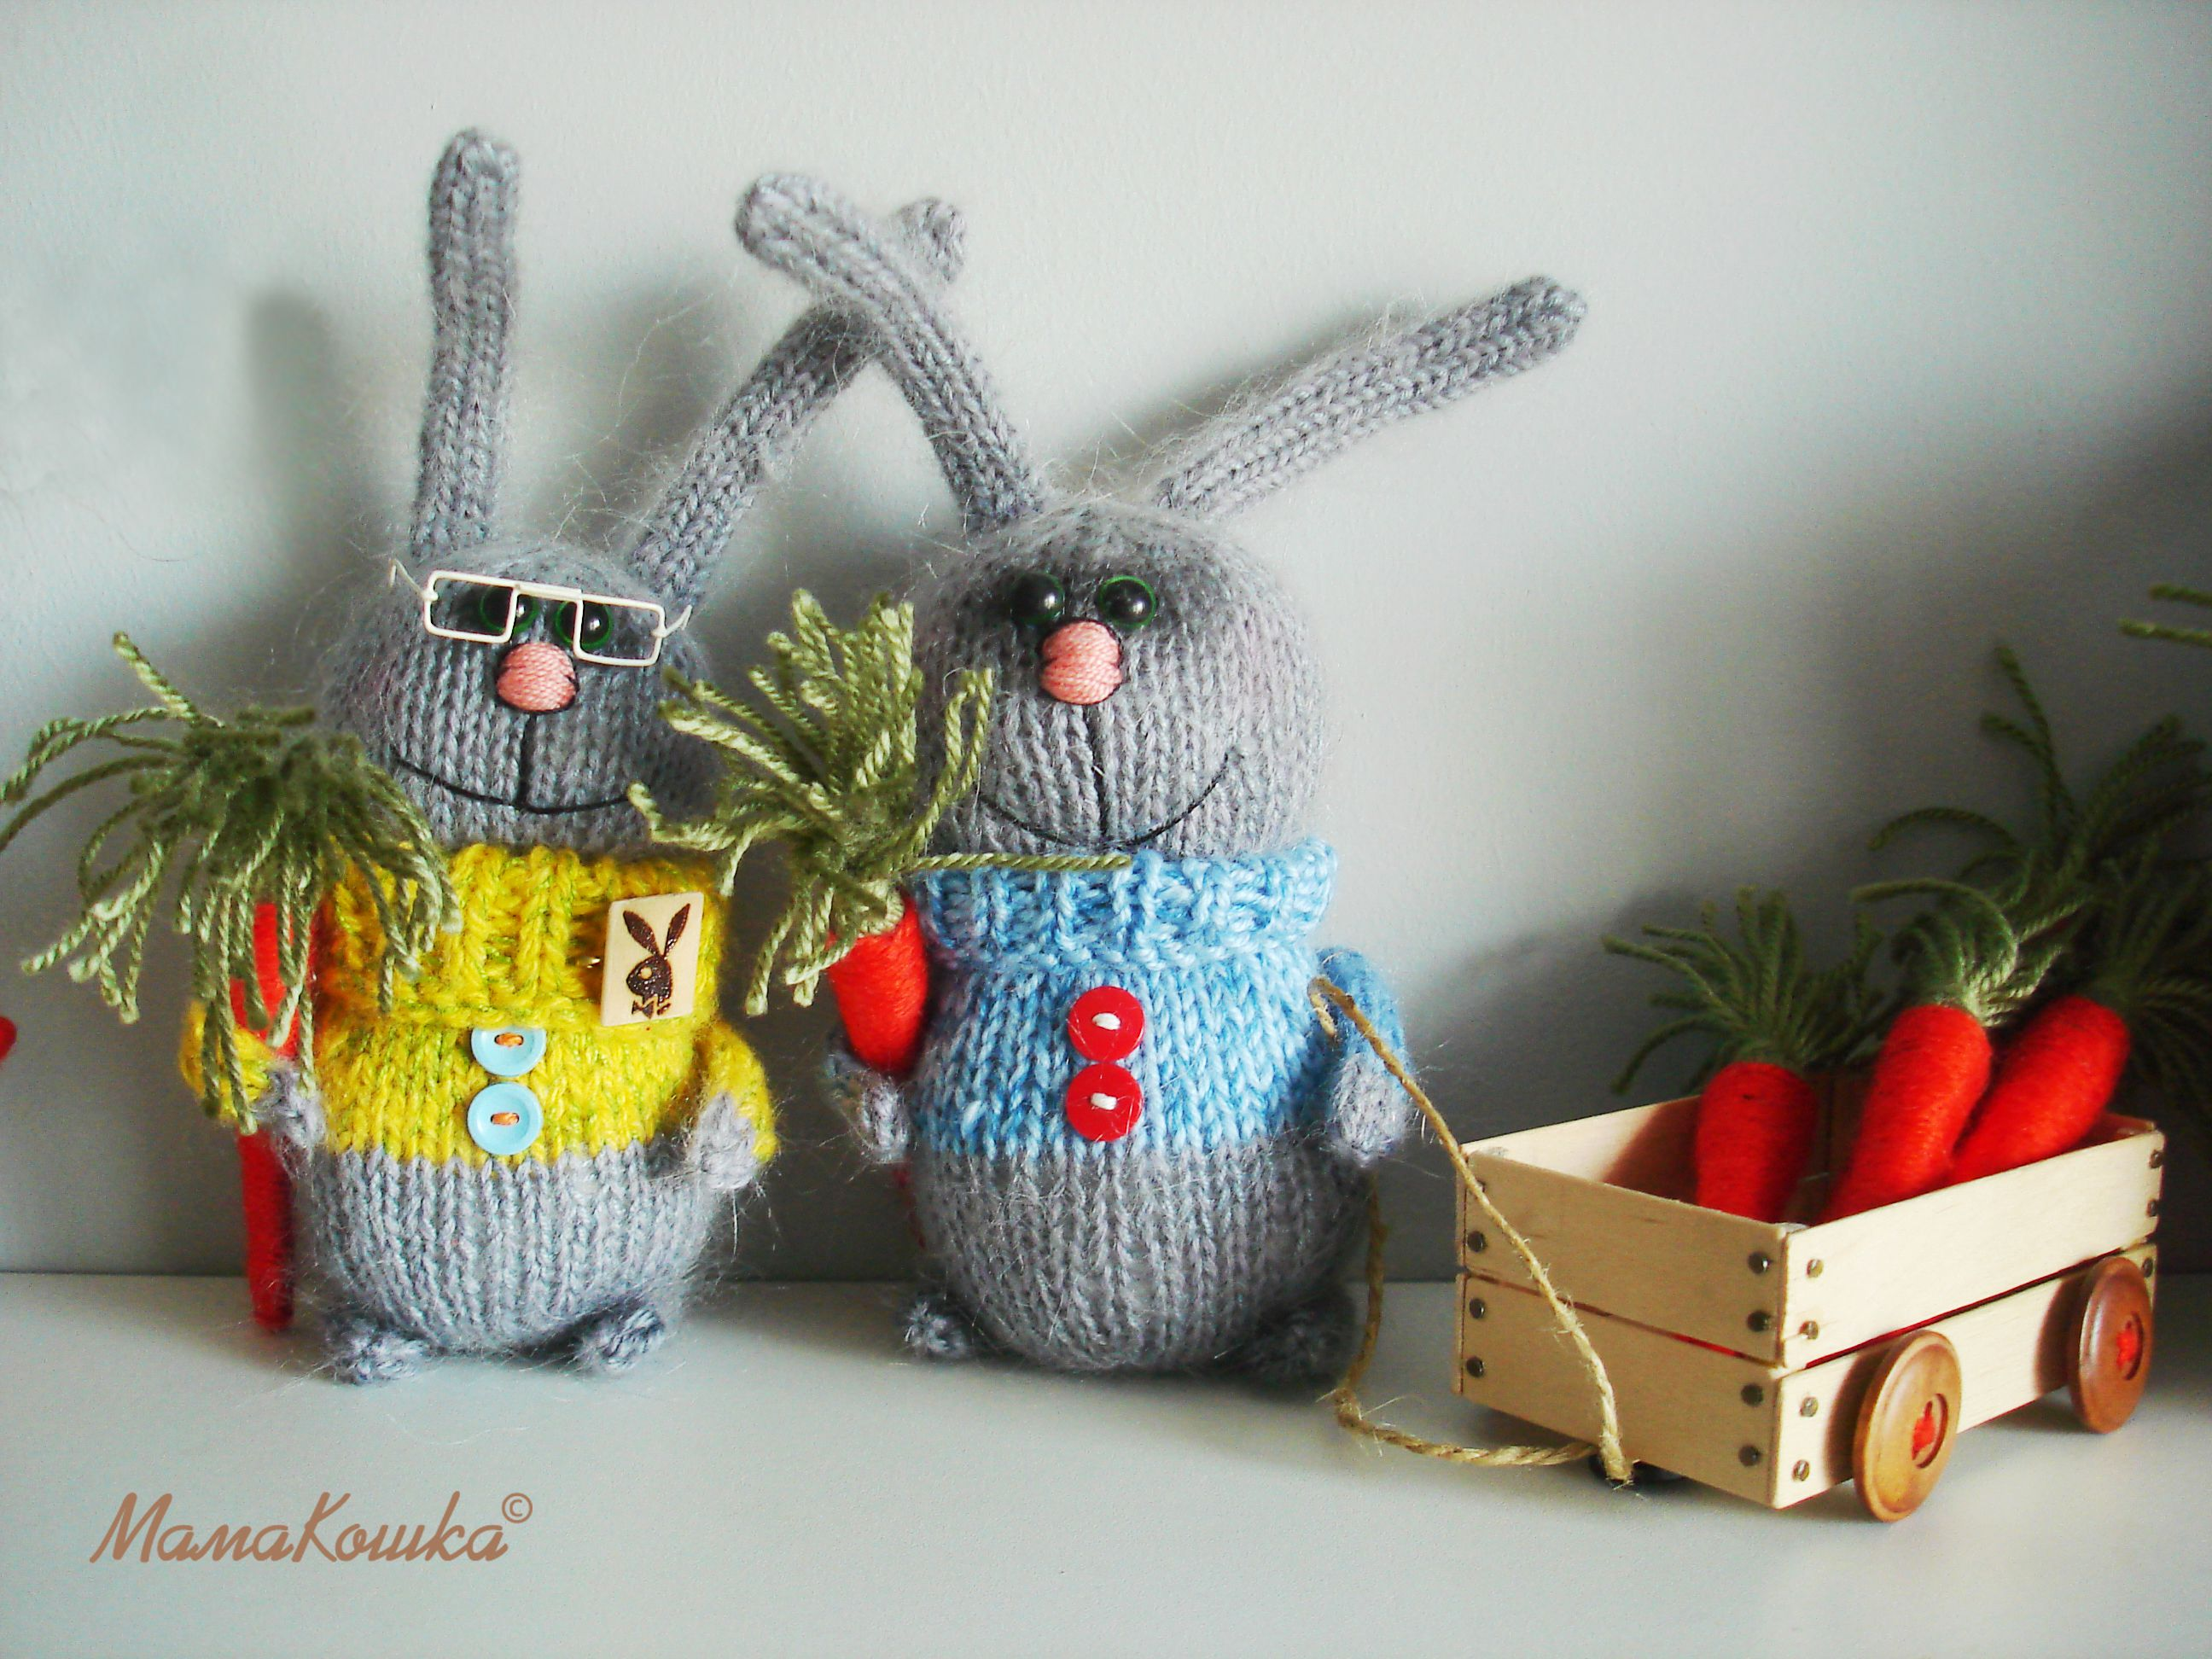 8марта подарок интерьернаяигрушка 23февраля зайцы сюрприз малаяскульптура деньрождения зайка